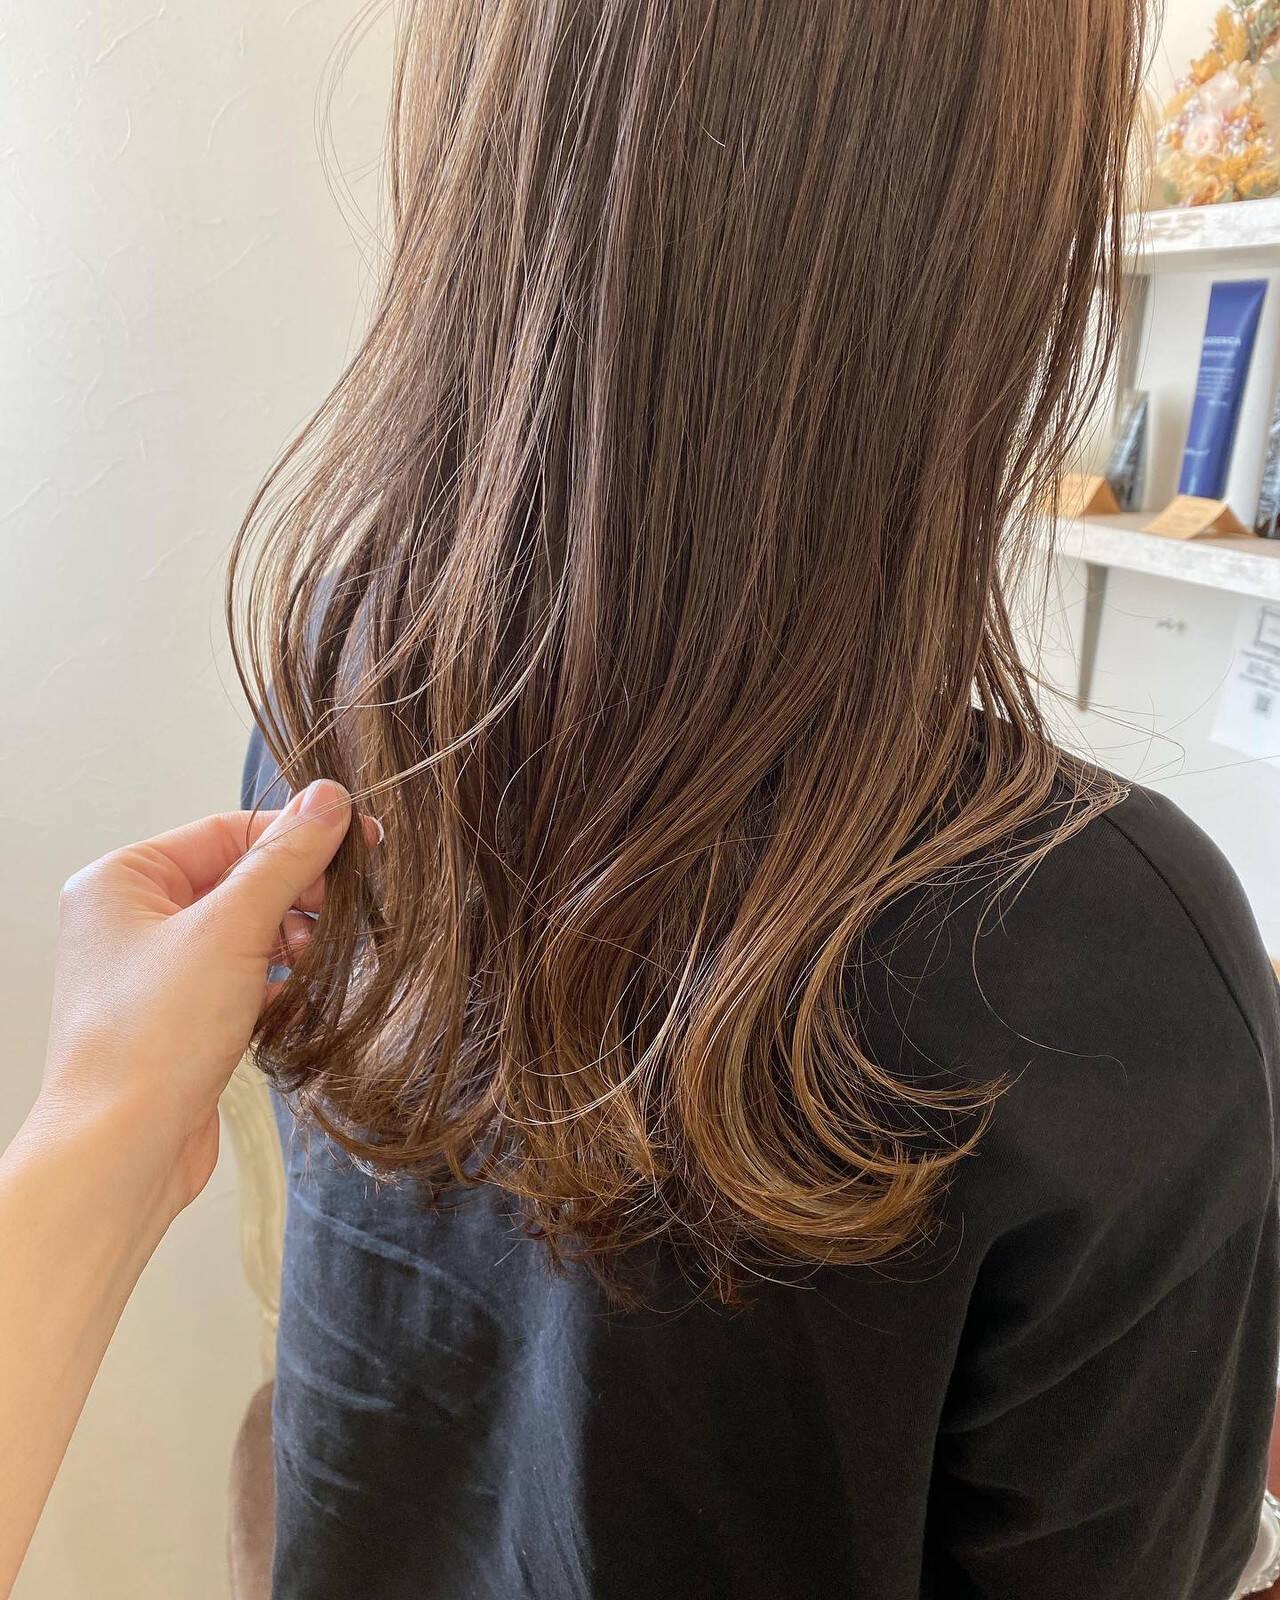 ナチュラル ナチュラルベージュ 3Dハイライト ハイライトヘアスタイルや髪型の写真・画像